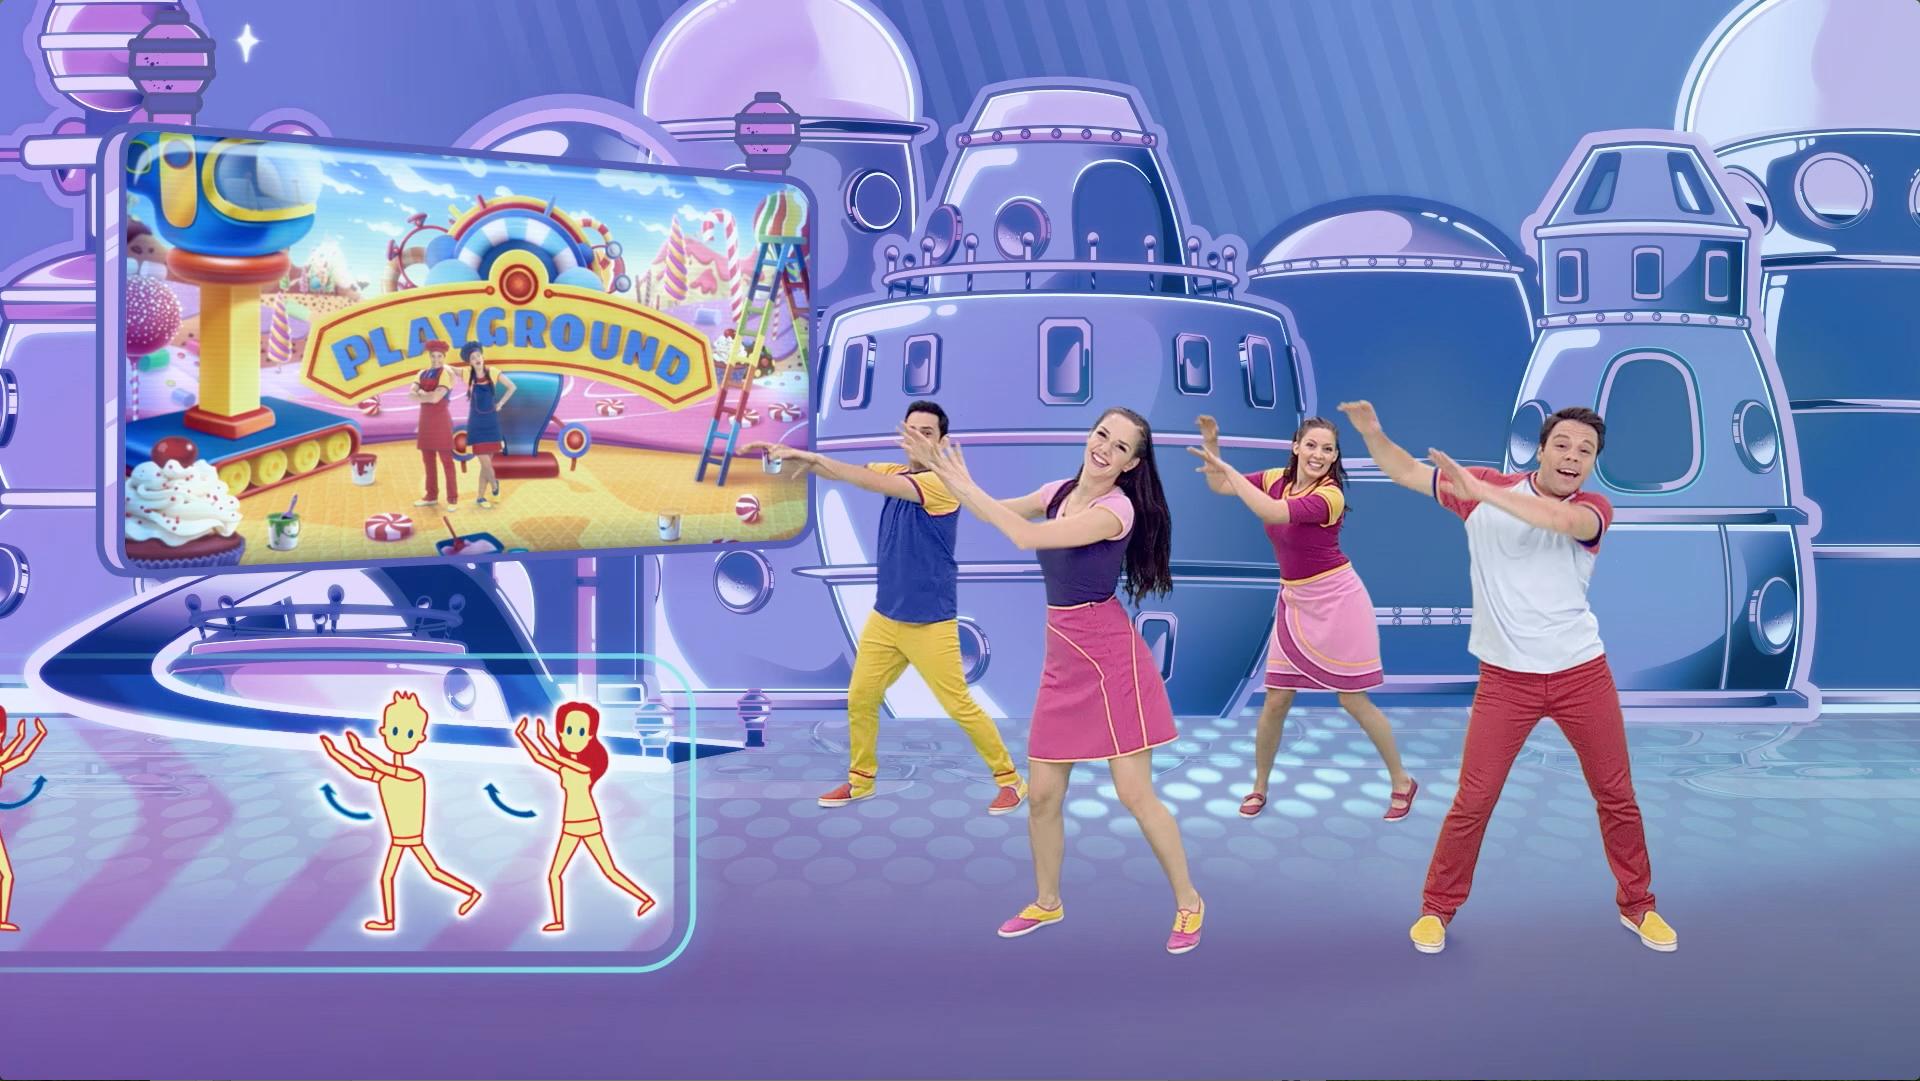 Somos un equipo - Bailando con Playground